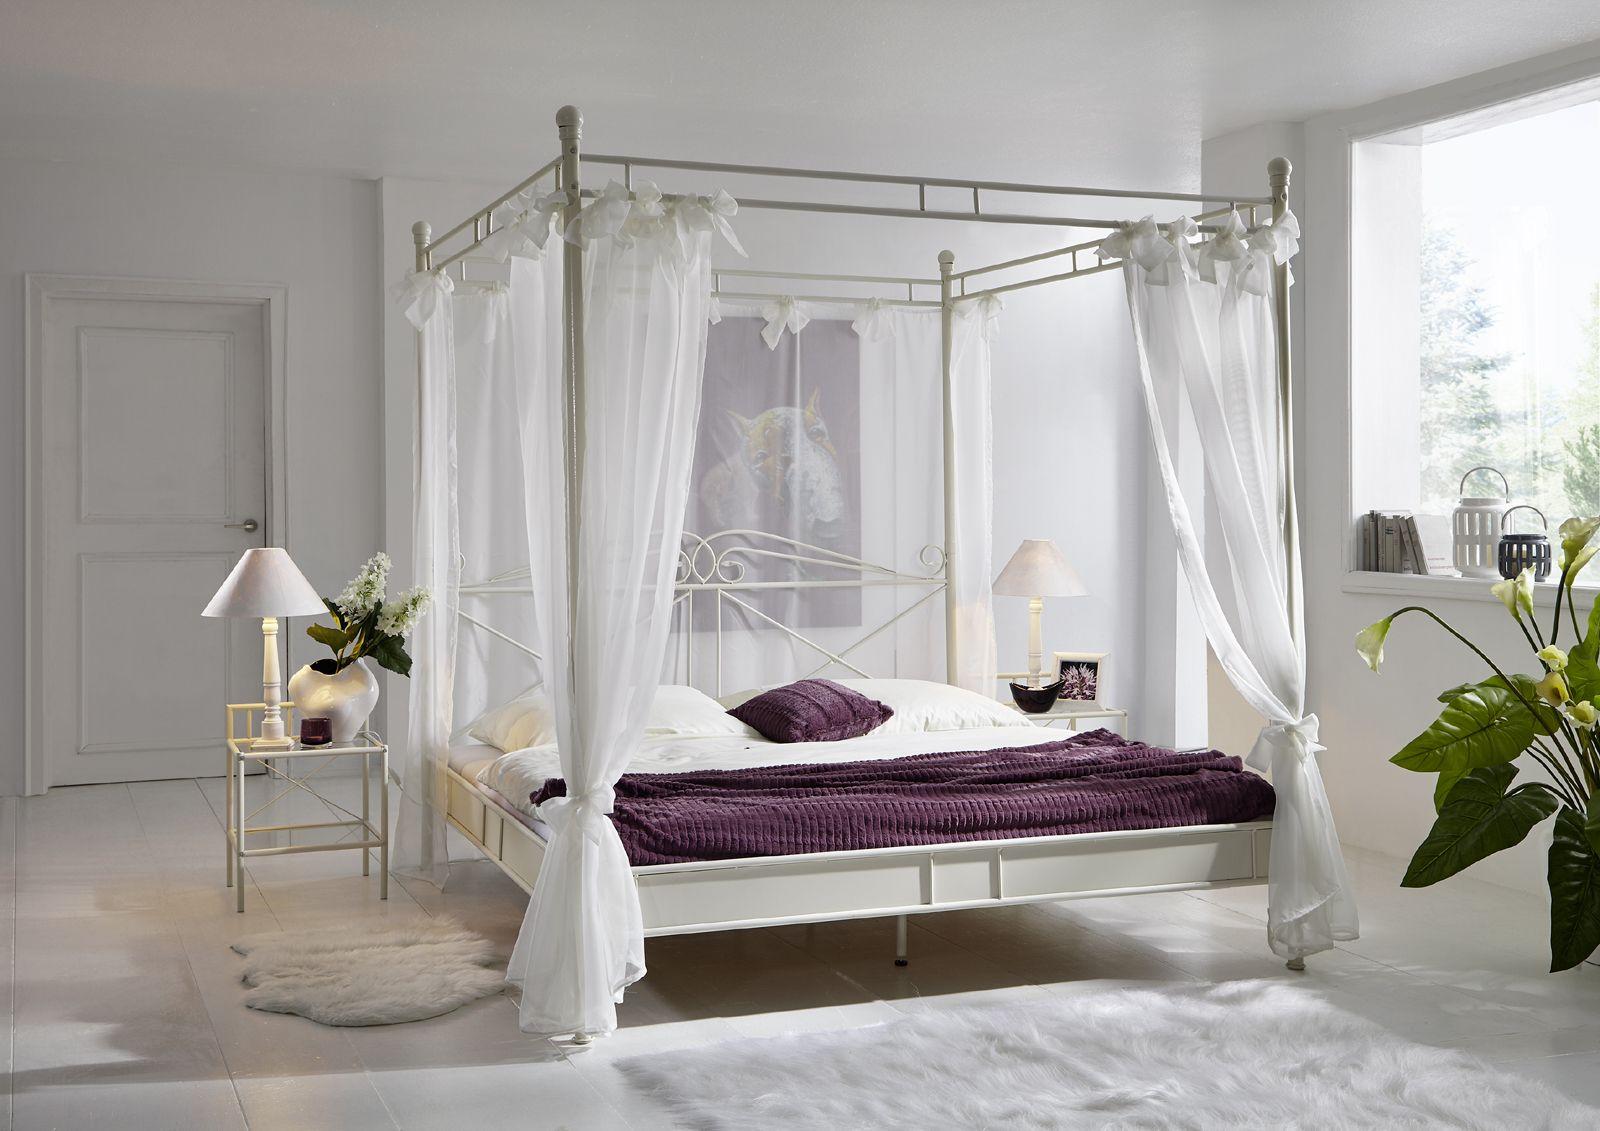 Designer himmelbett  Wundervolles Himmelbett mit romantischem Vorhang. #mediterran ...